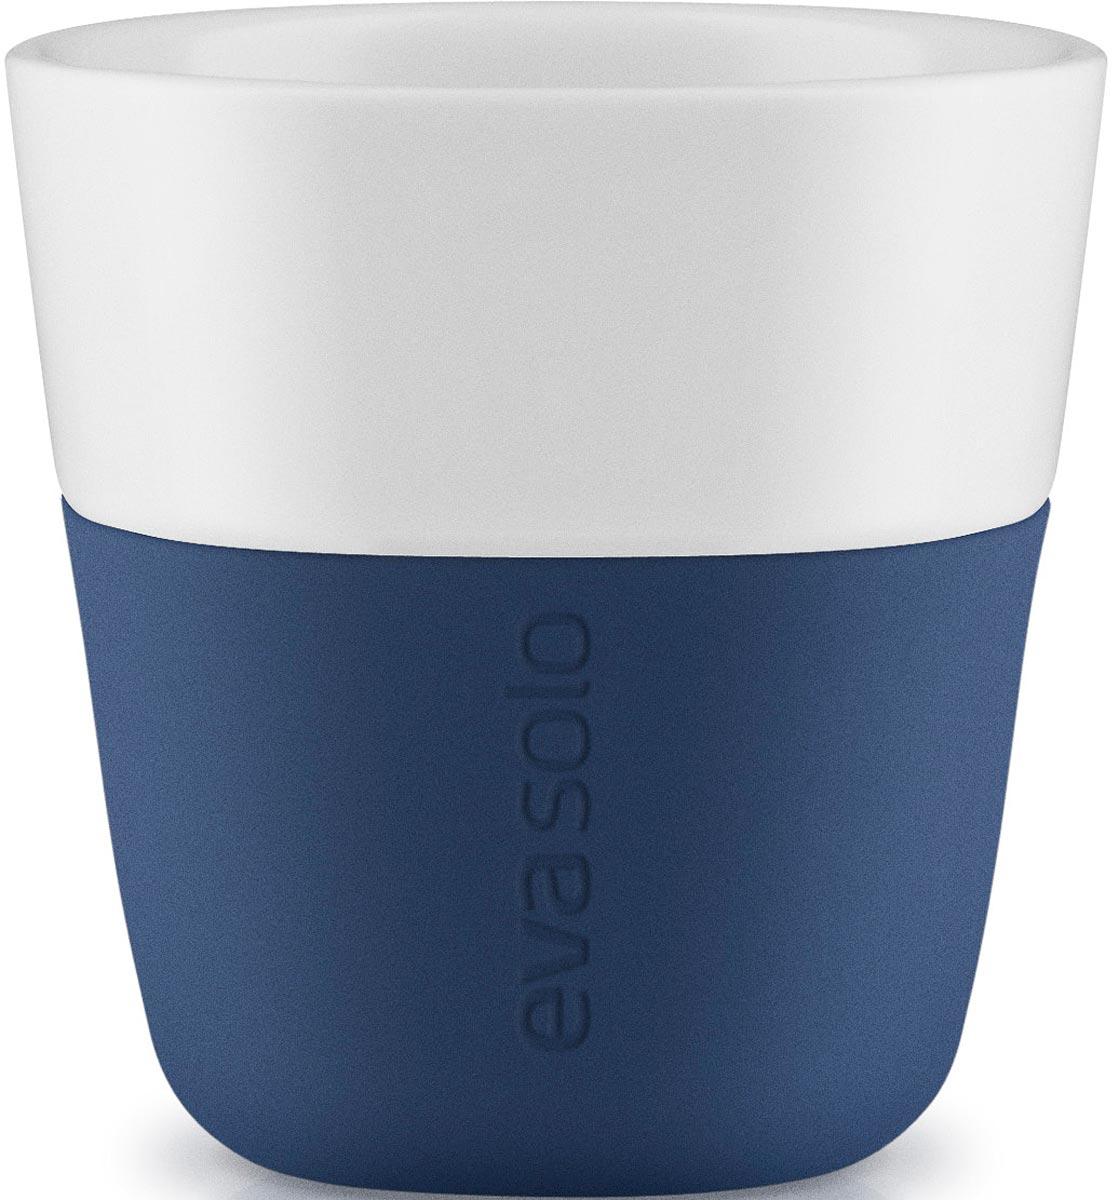 Чашка кофейная Eva Solo, цвет: темно-синий, 80 мл, 2 шт501047Набор чашек для эспрессо Eva Solo рассчитан на 80 мл - классическое количество эспрессо, а также стандарт для большинства кофе-машин. Чашки из белоснежного фарфора и с цветным силиконовым чехлом, который оберегает руки от соприкосновения с горячей поверхностью. Чехол легко снимается, после чего чашку можно мыть в посудомоечной машине.В комплекте 2 чашки.